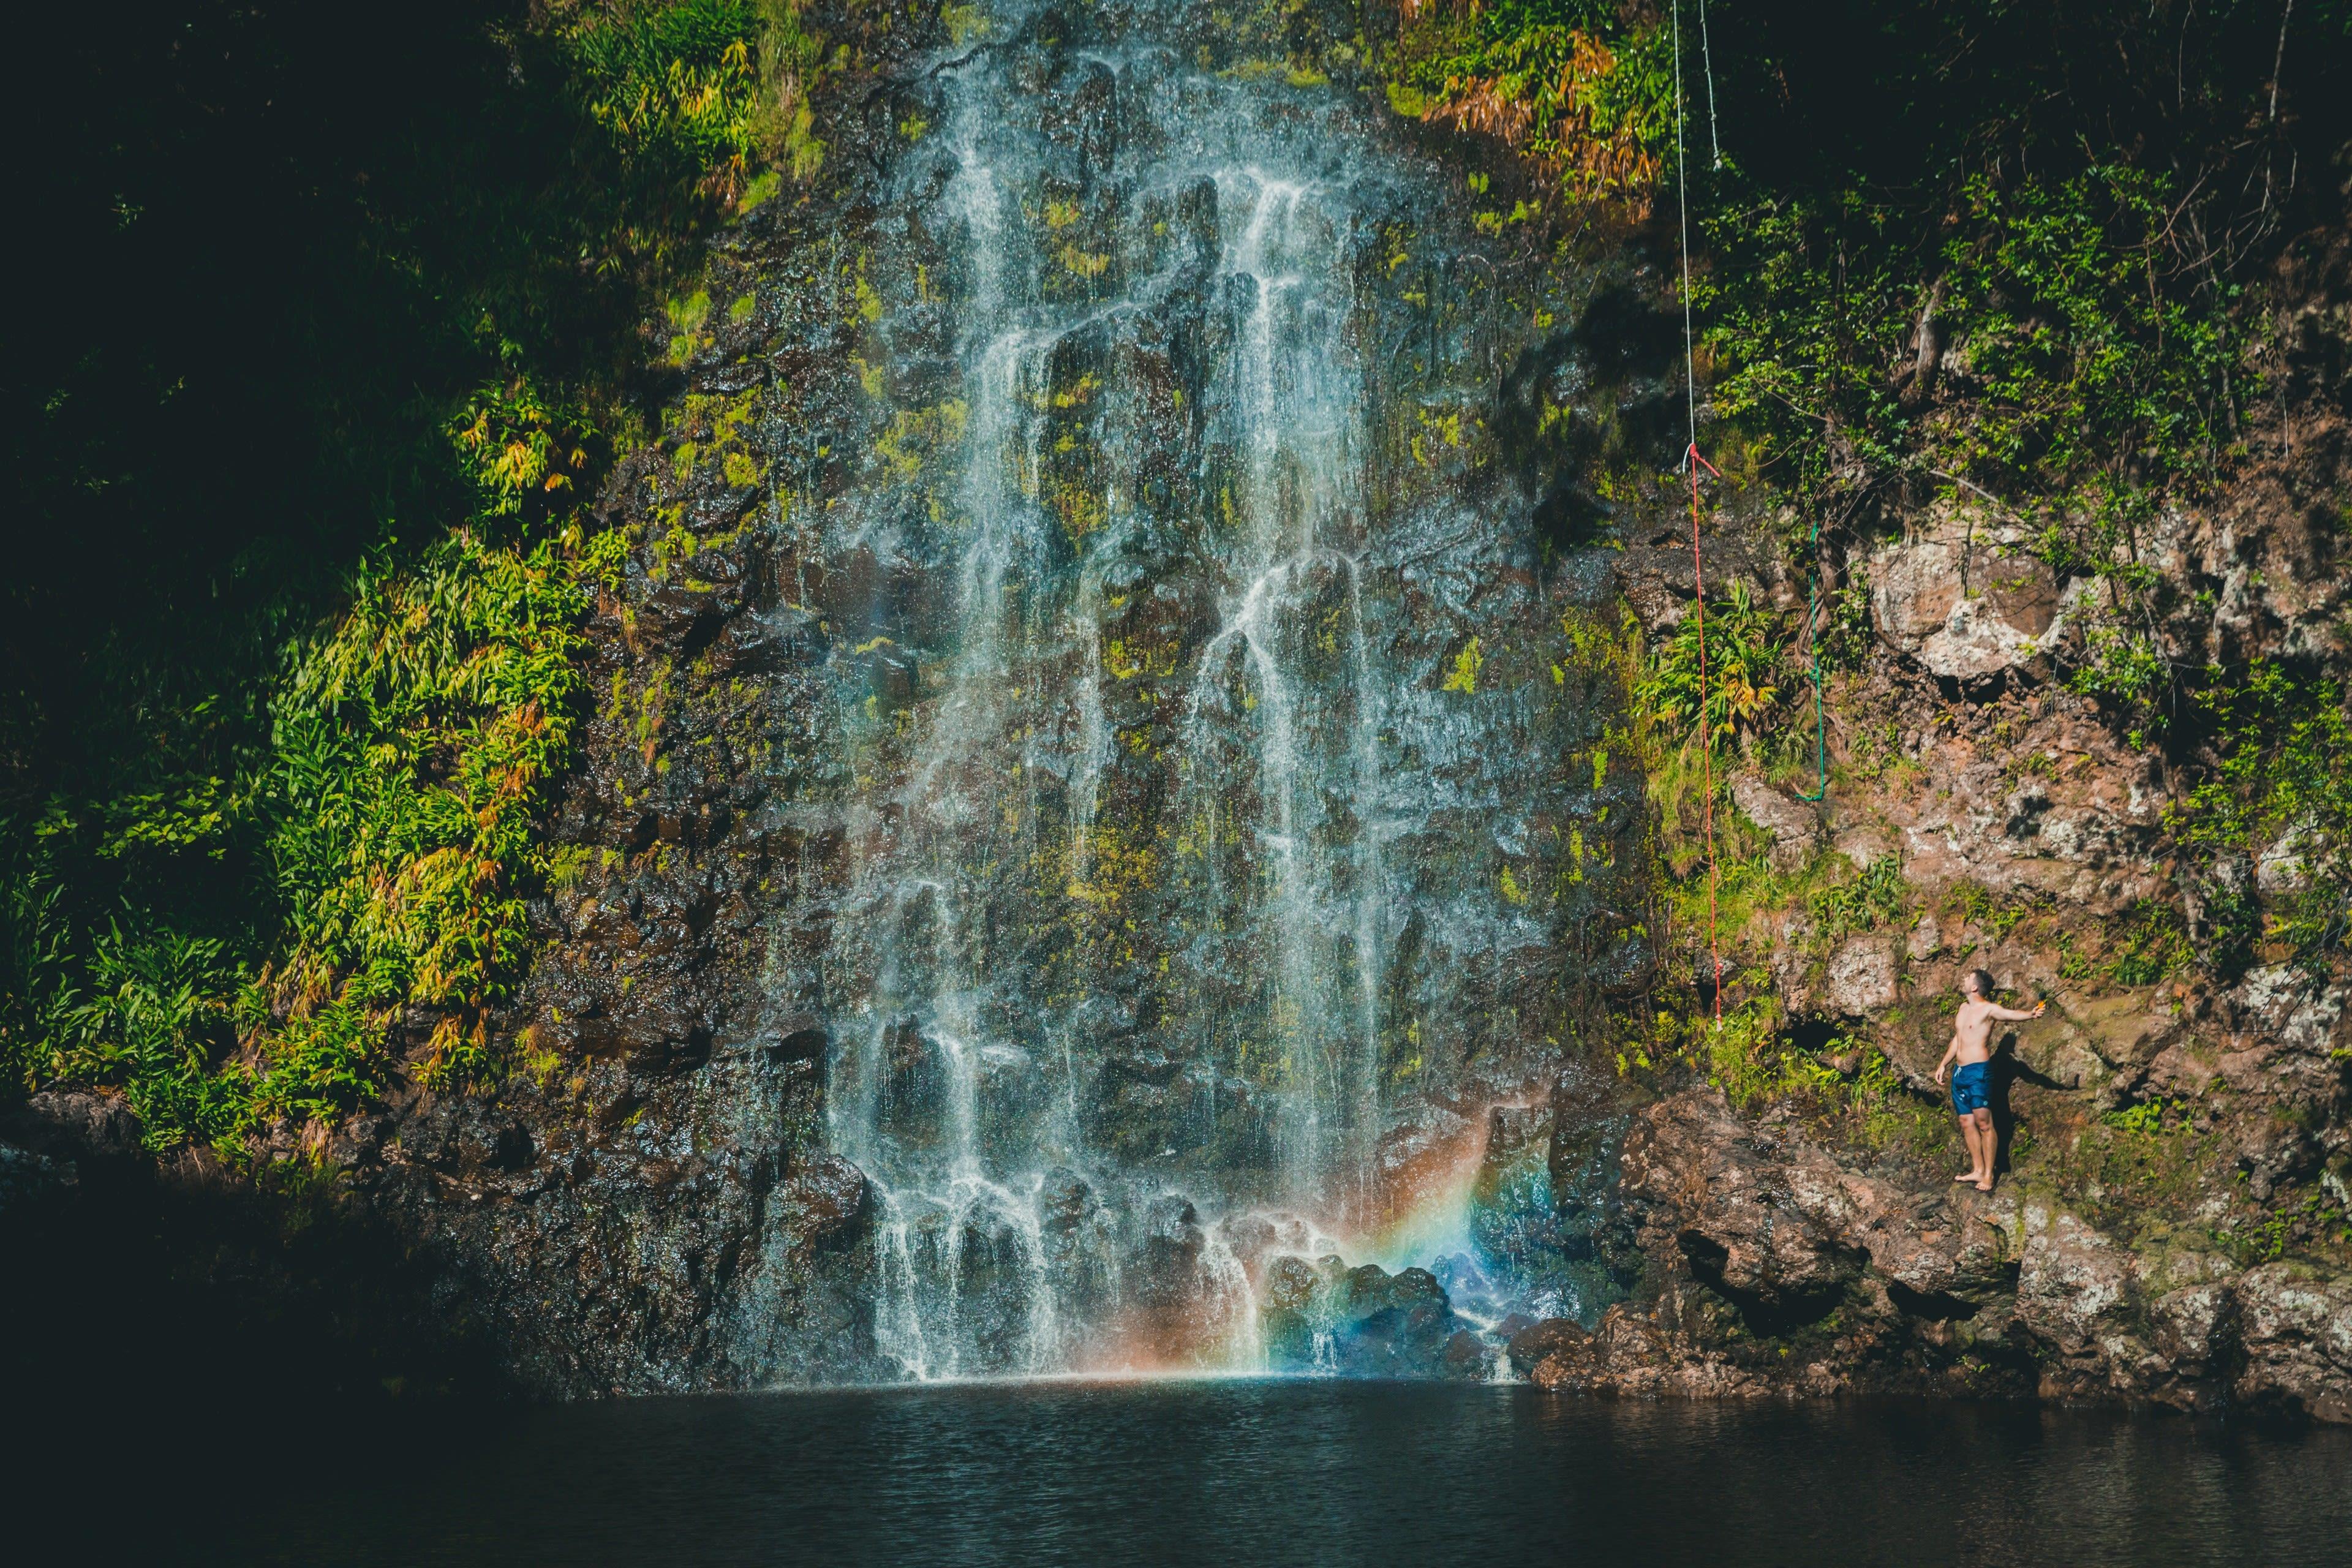 Aloha (Photo 1)